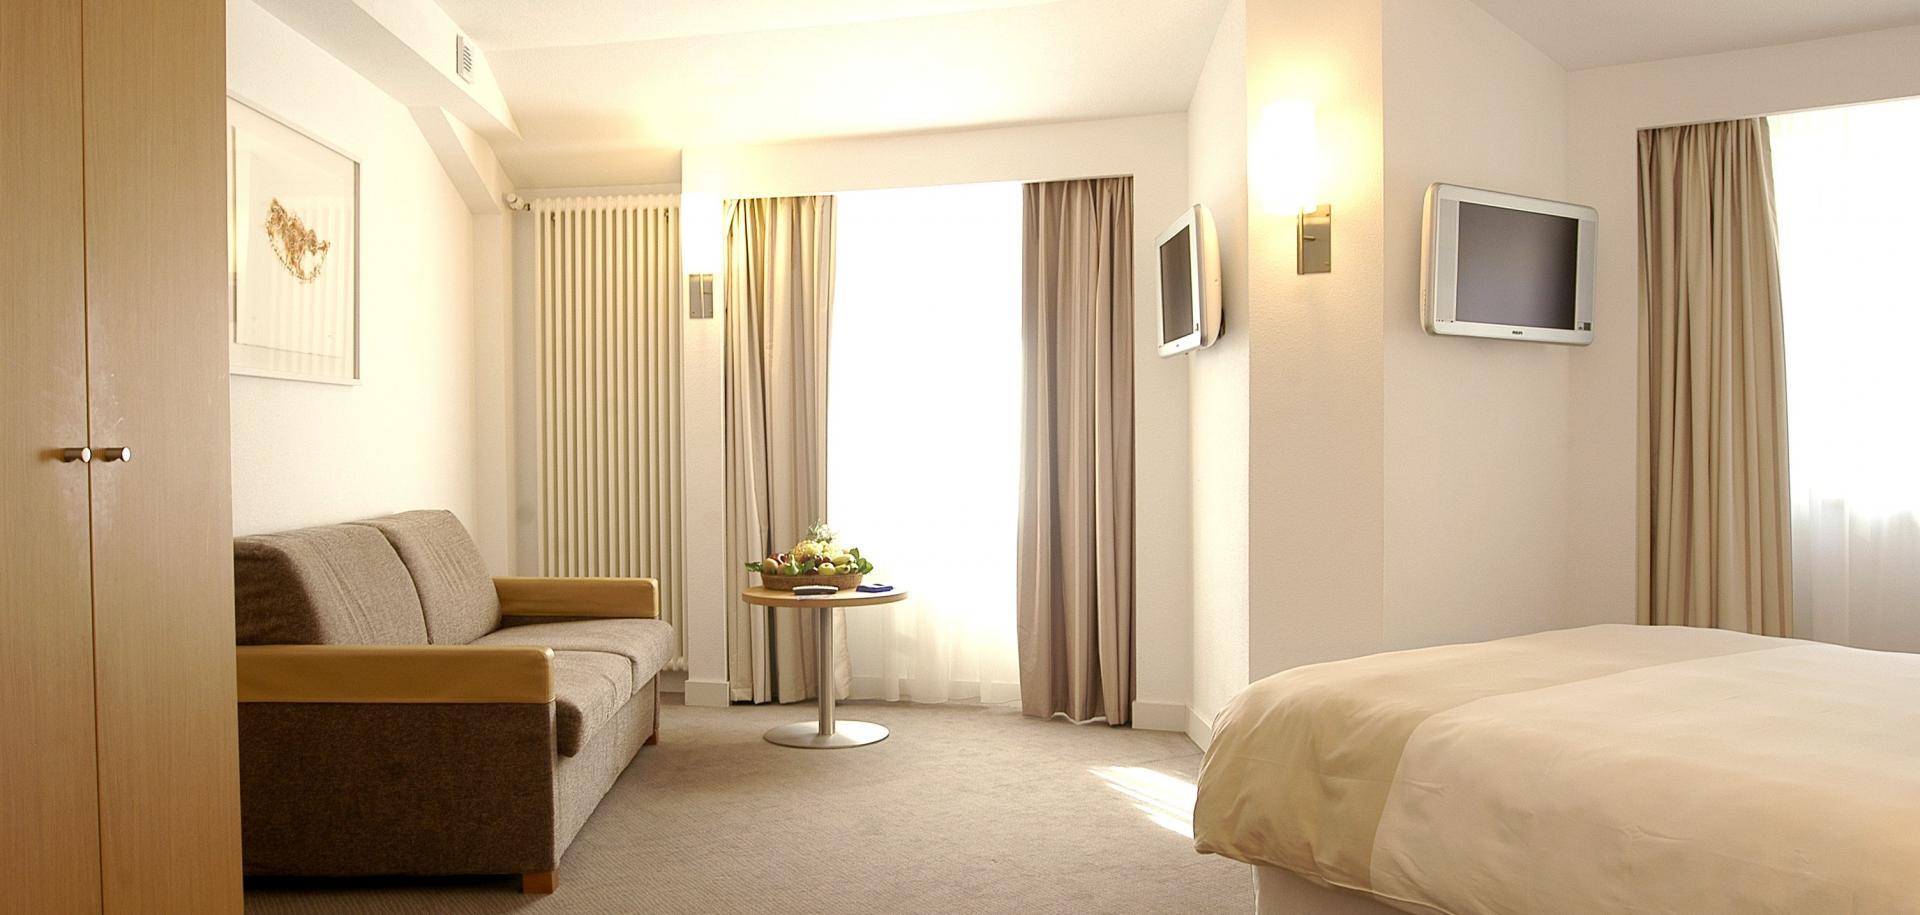 Room Prestigi Hotels Andorra